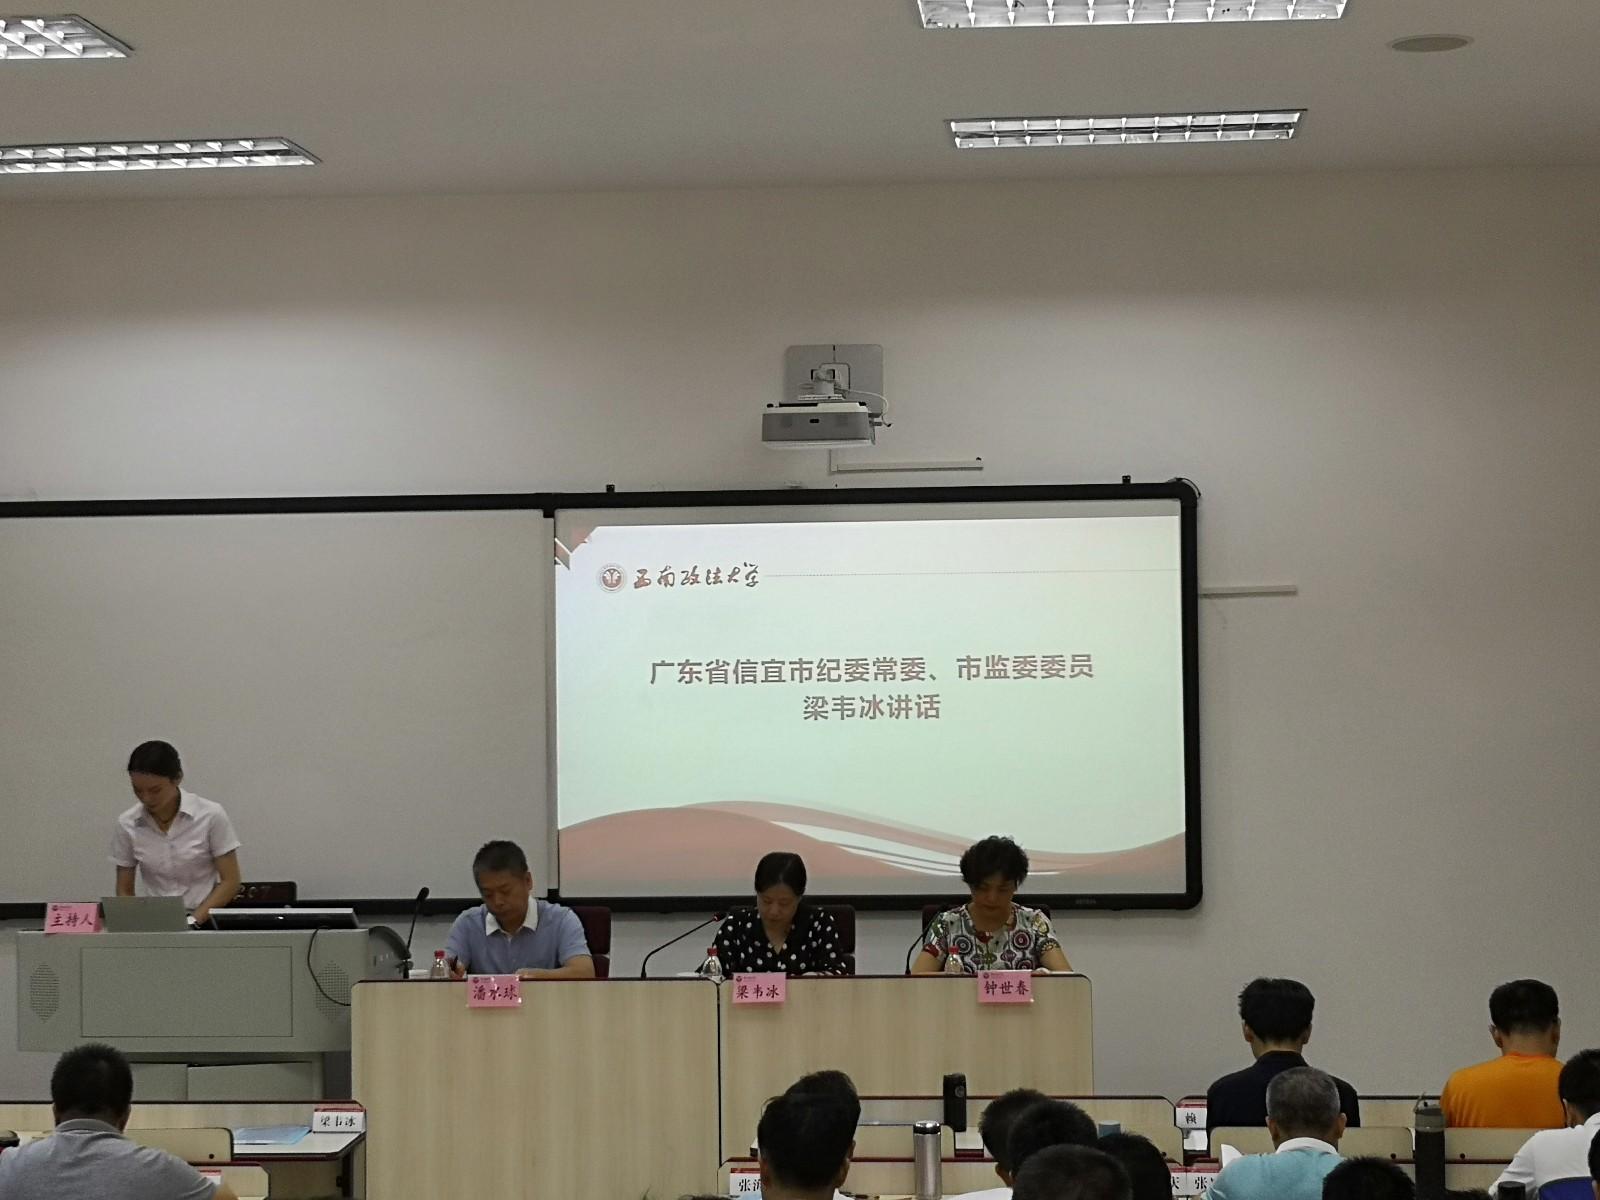 广东省信宜市纪检监察干部能力提升培训班(第二期) 在西南政法大学举行开班典礼